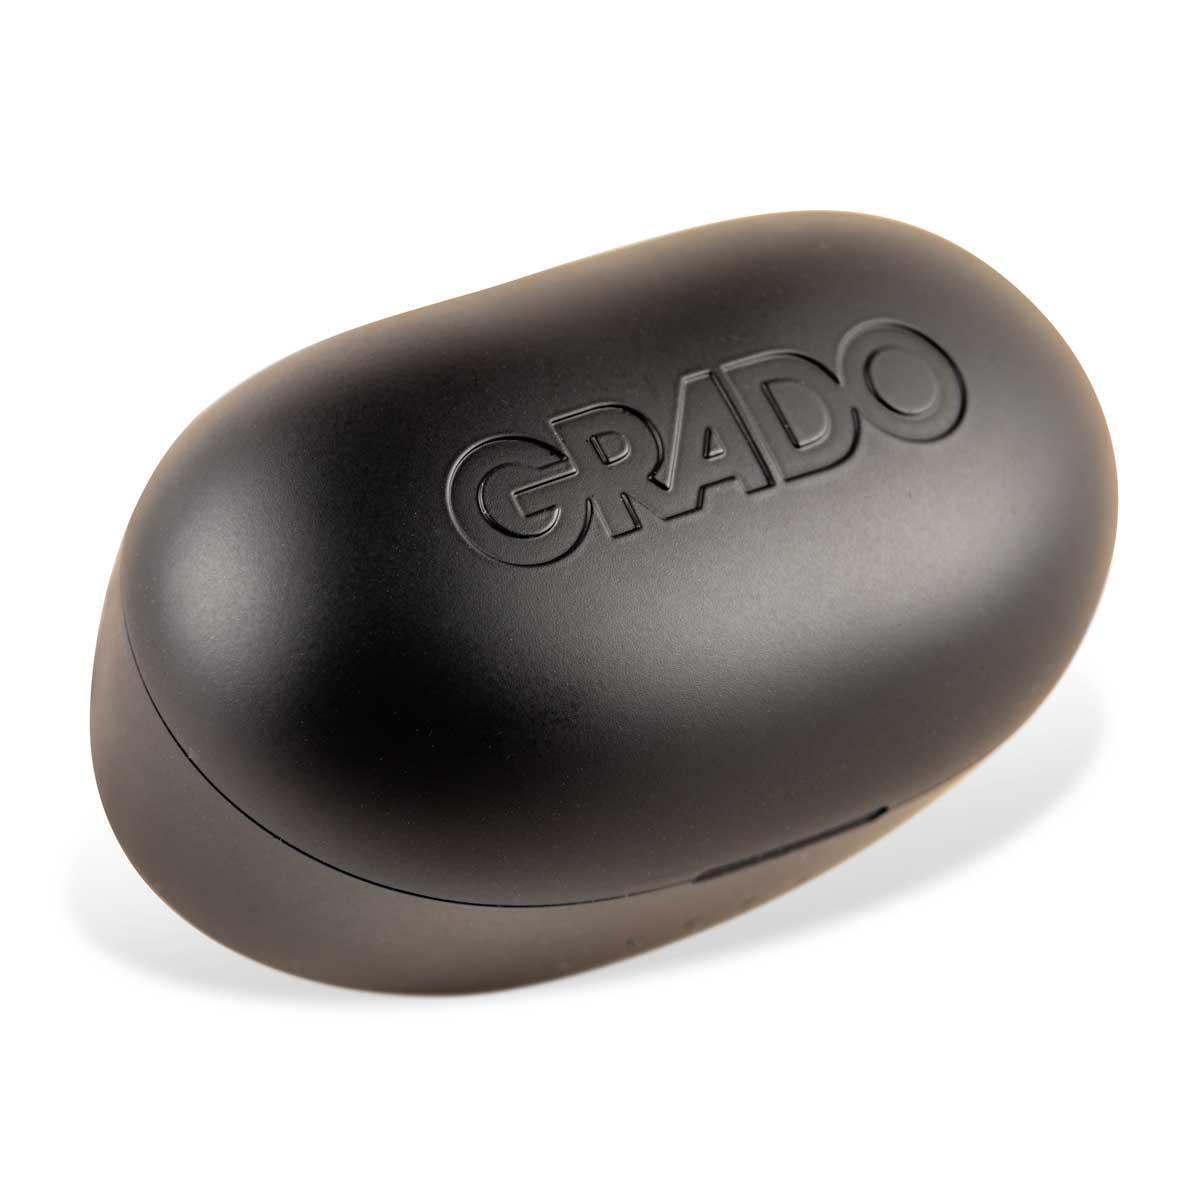 Grado GT220 Wireless Charging Case